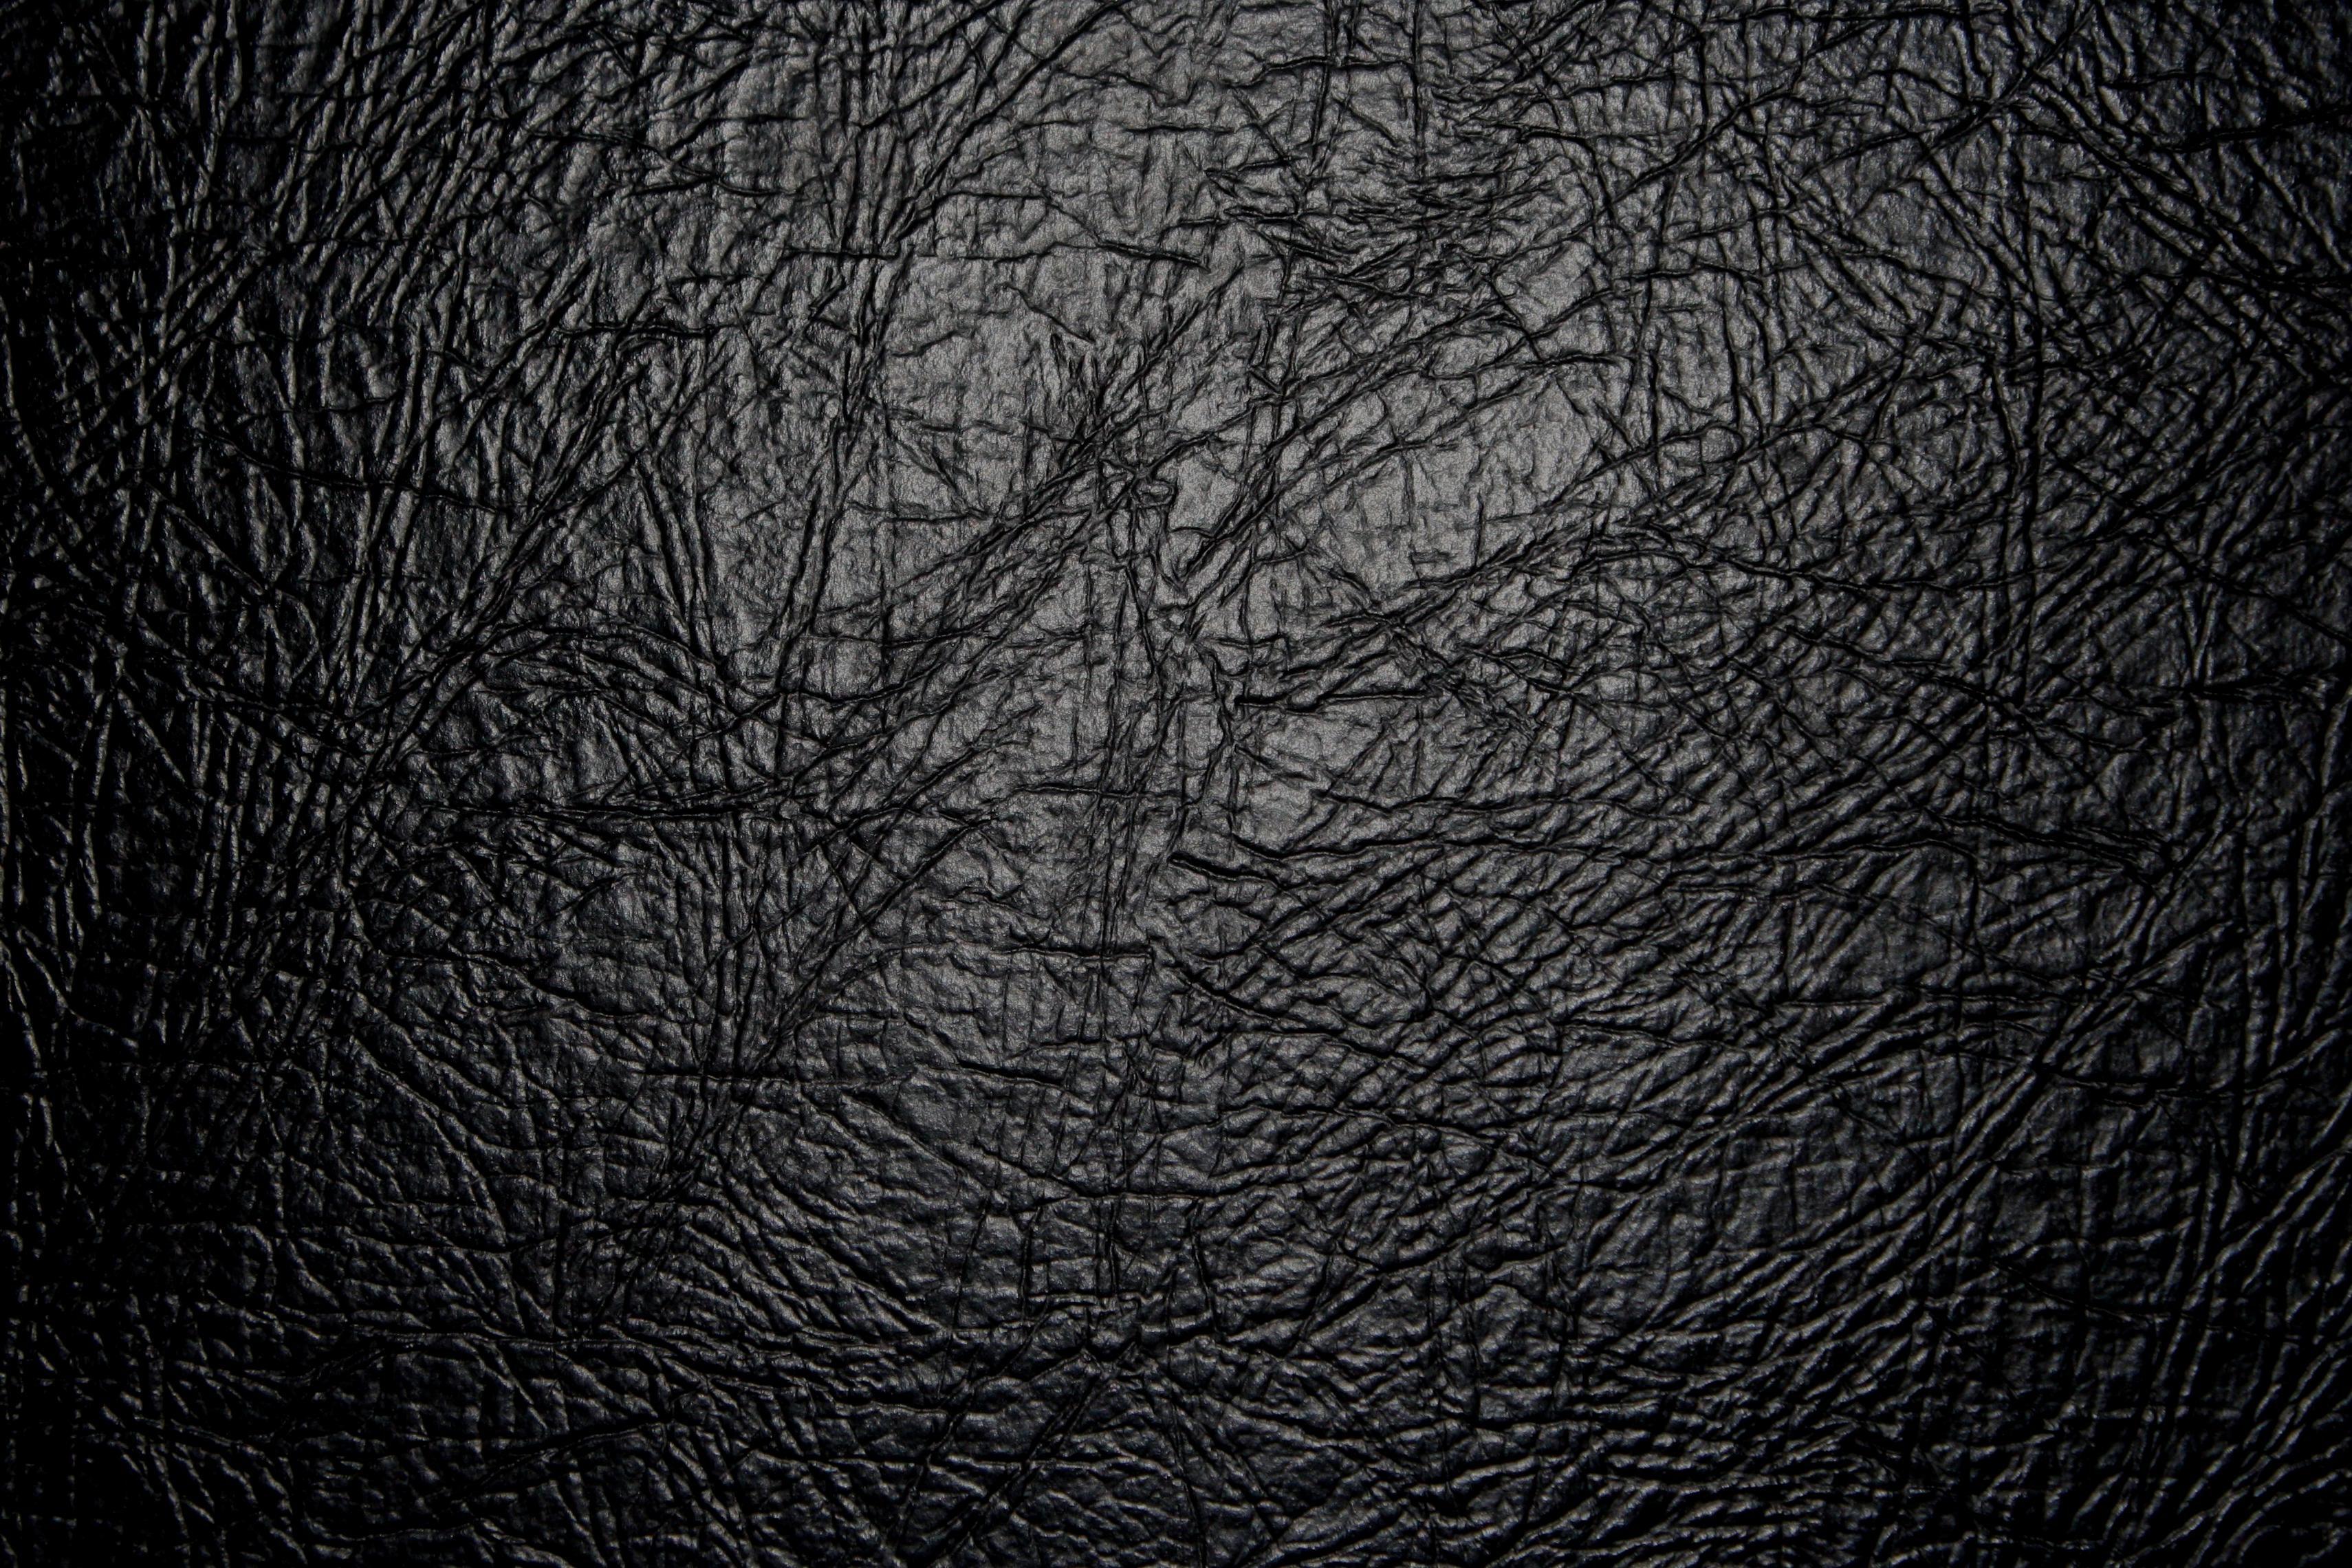 piele nera  Foto gratis: pelle nera, struttura, modello, chiudere